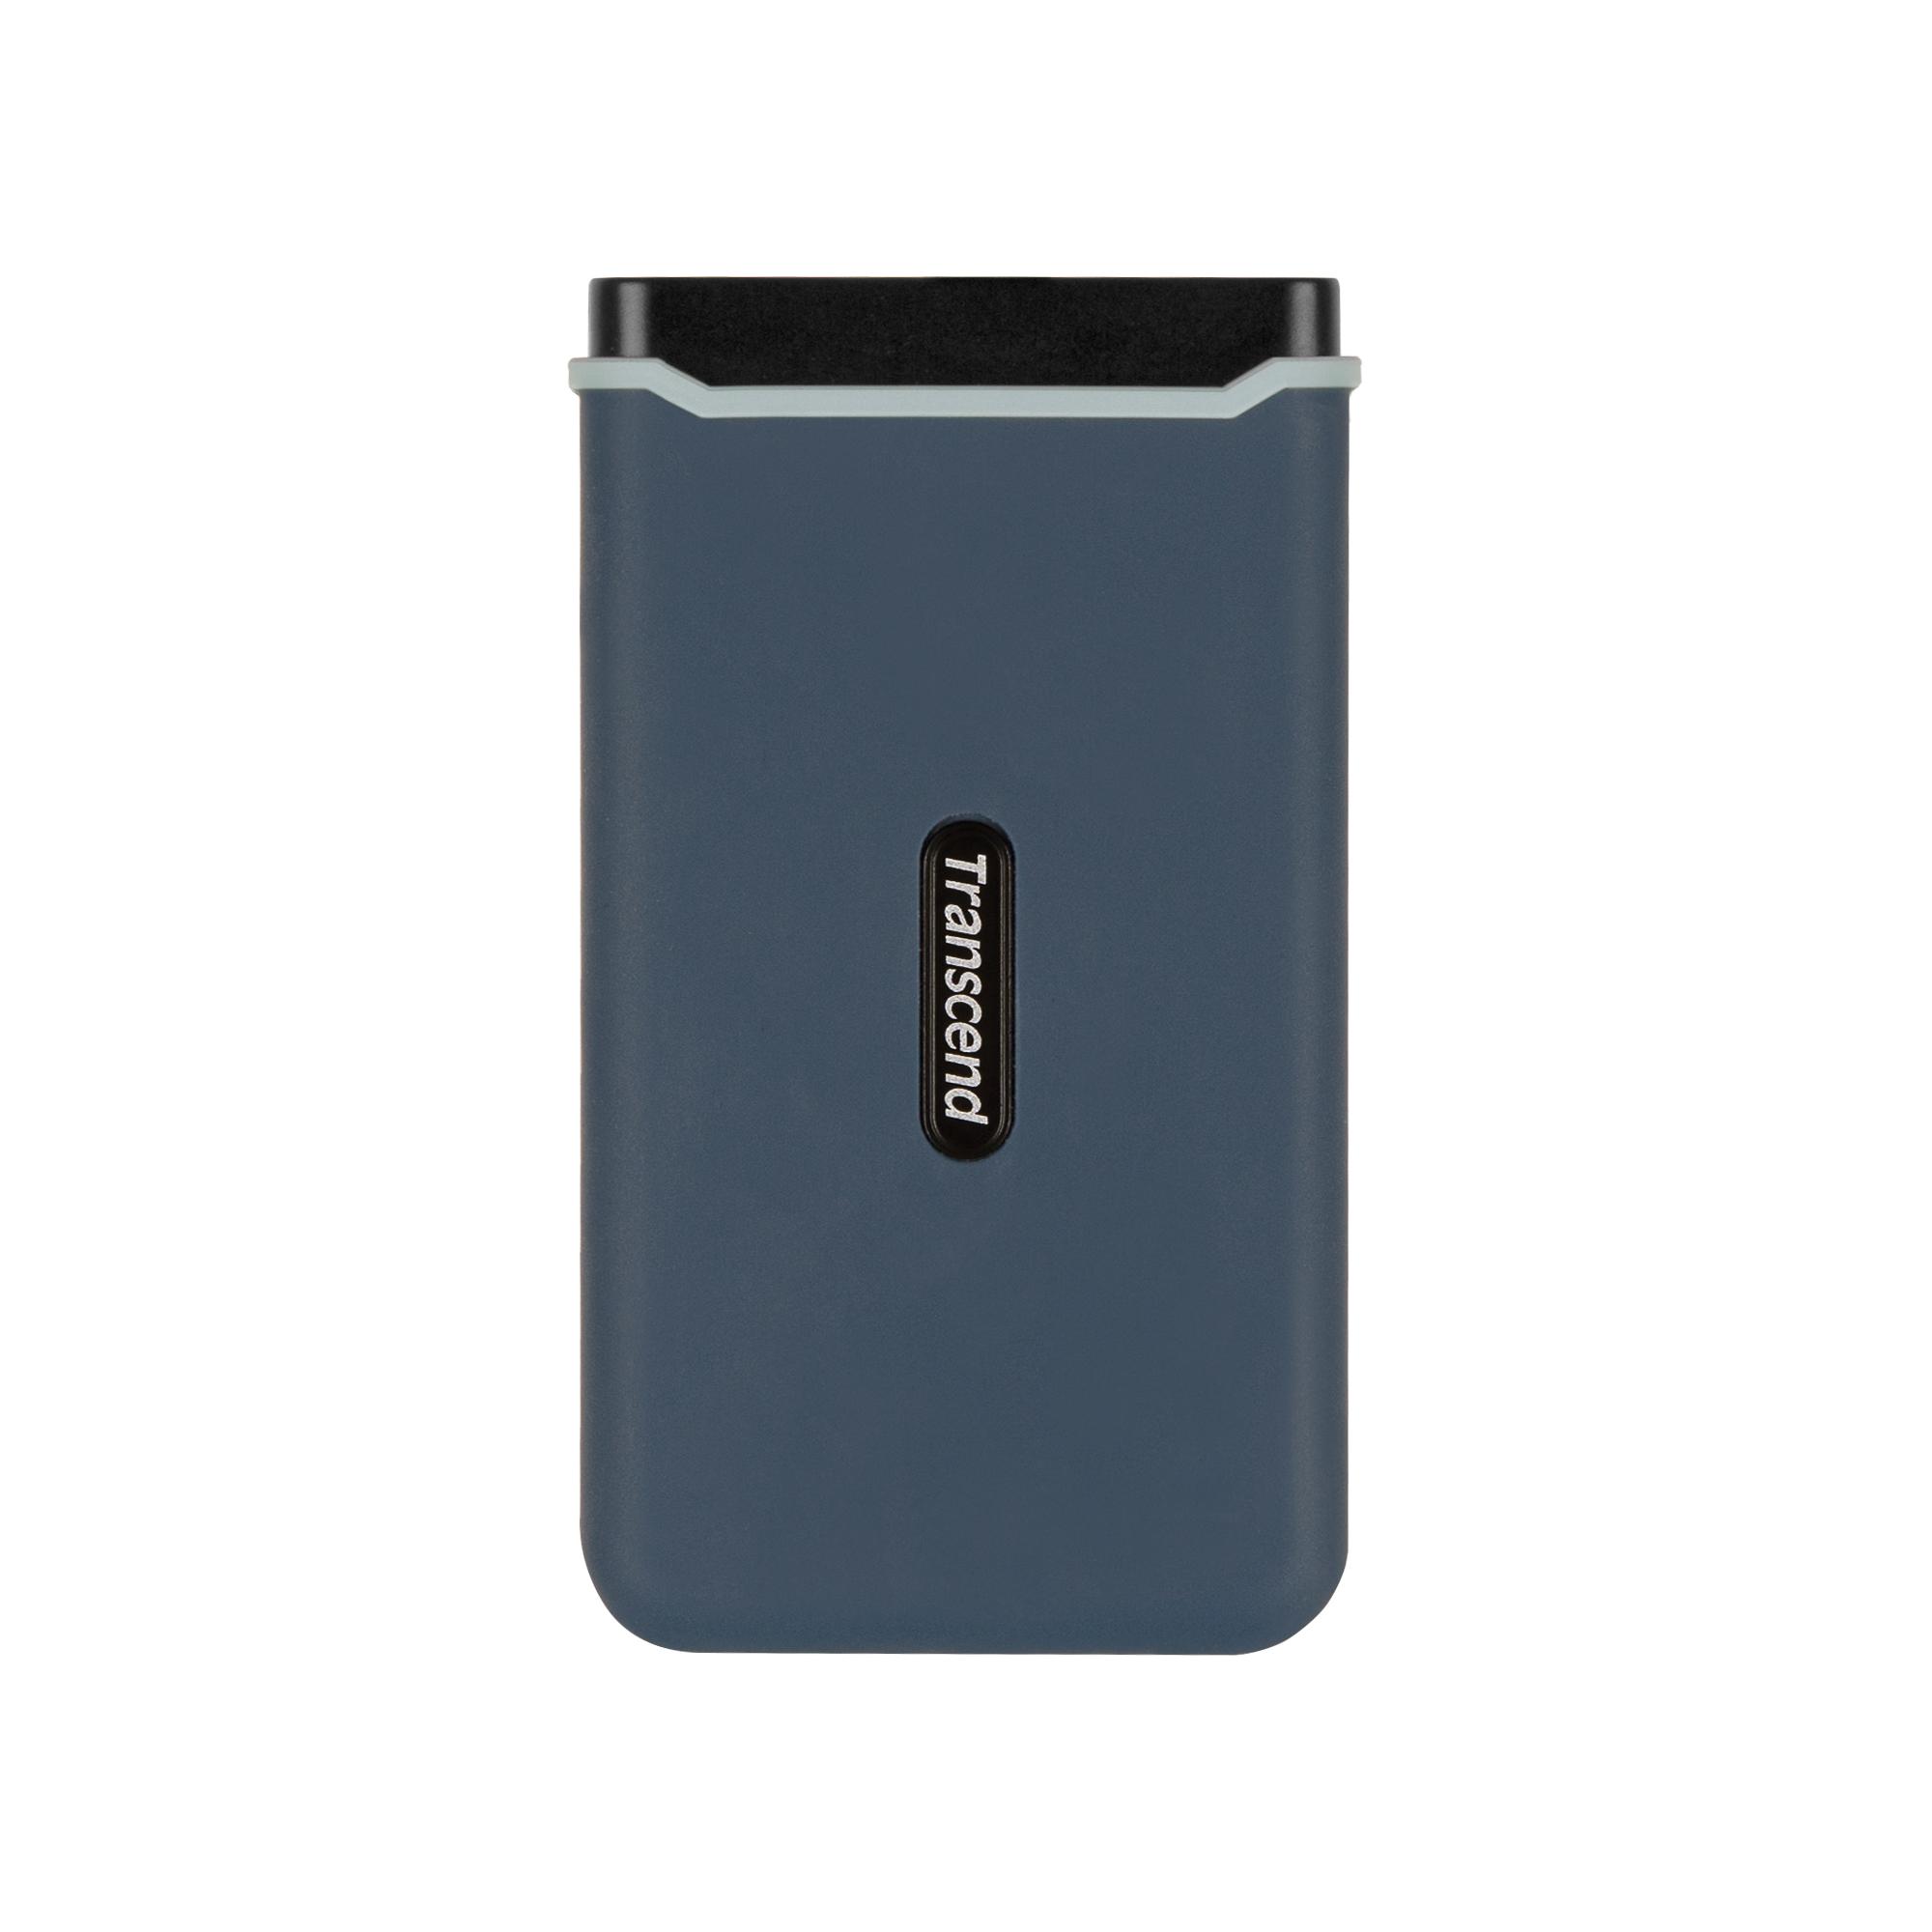 ESD350C Portable SSD